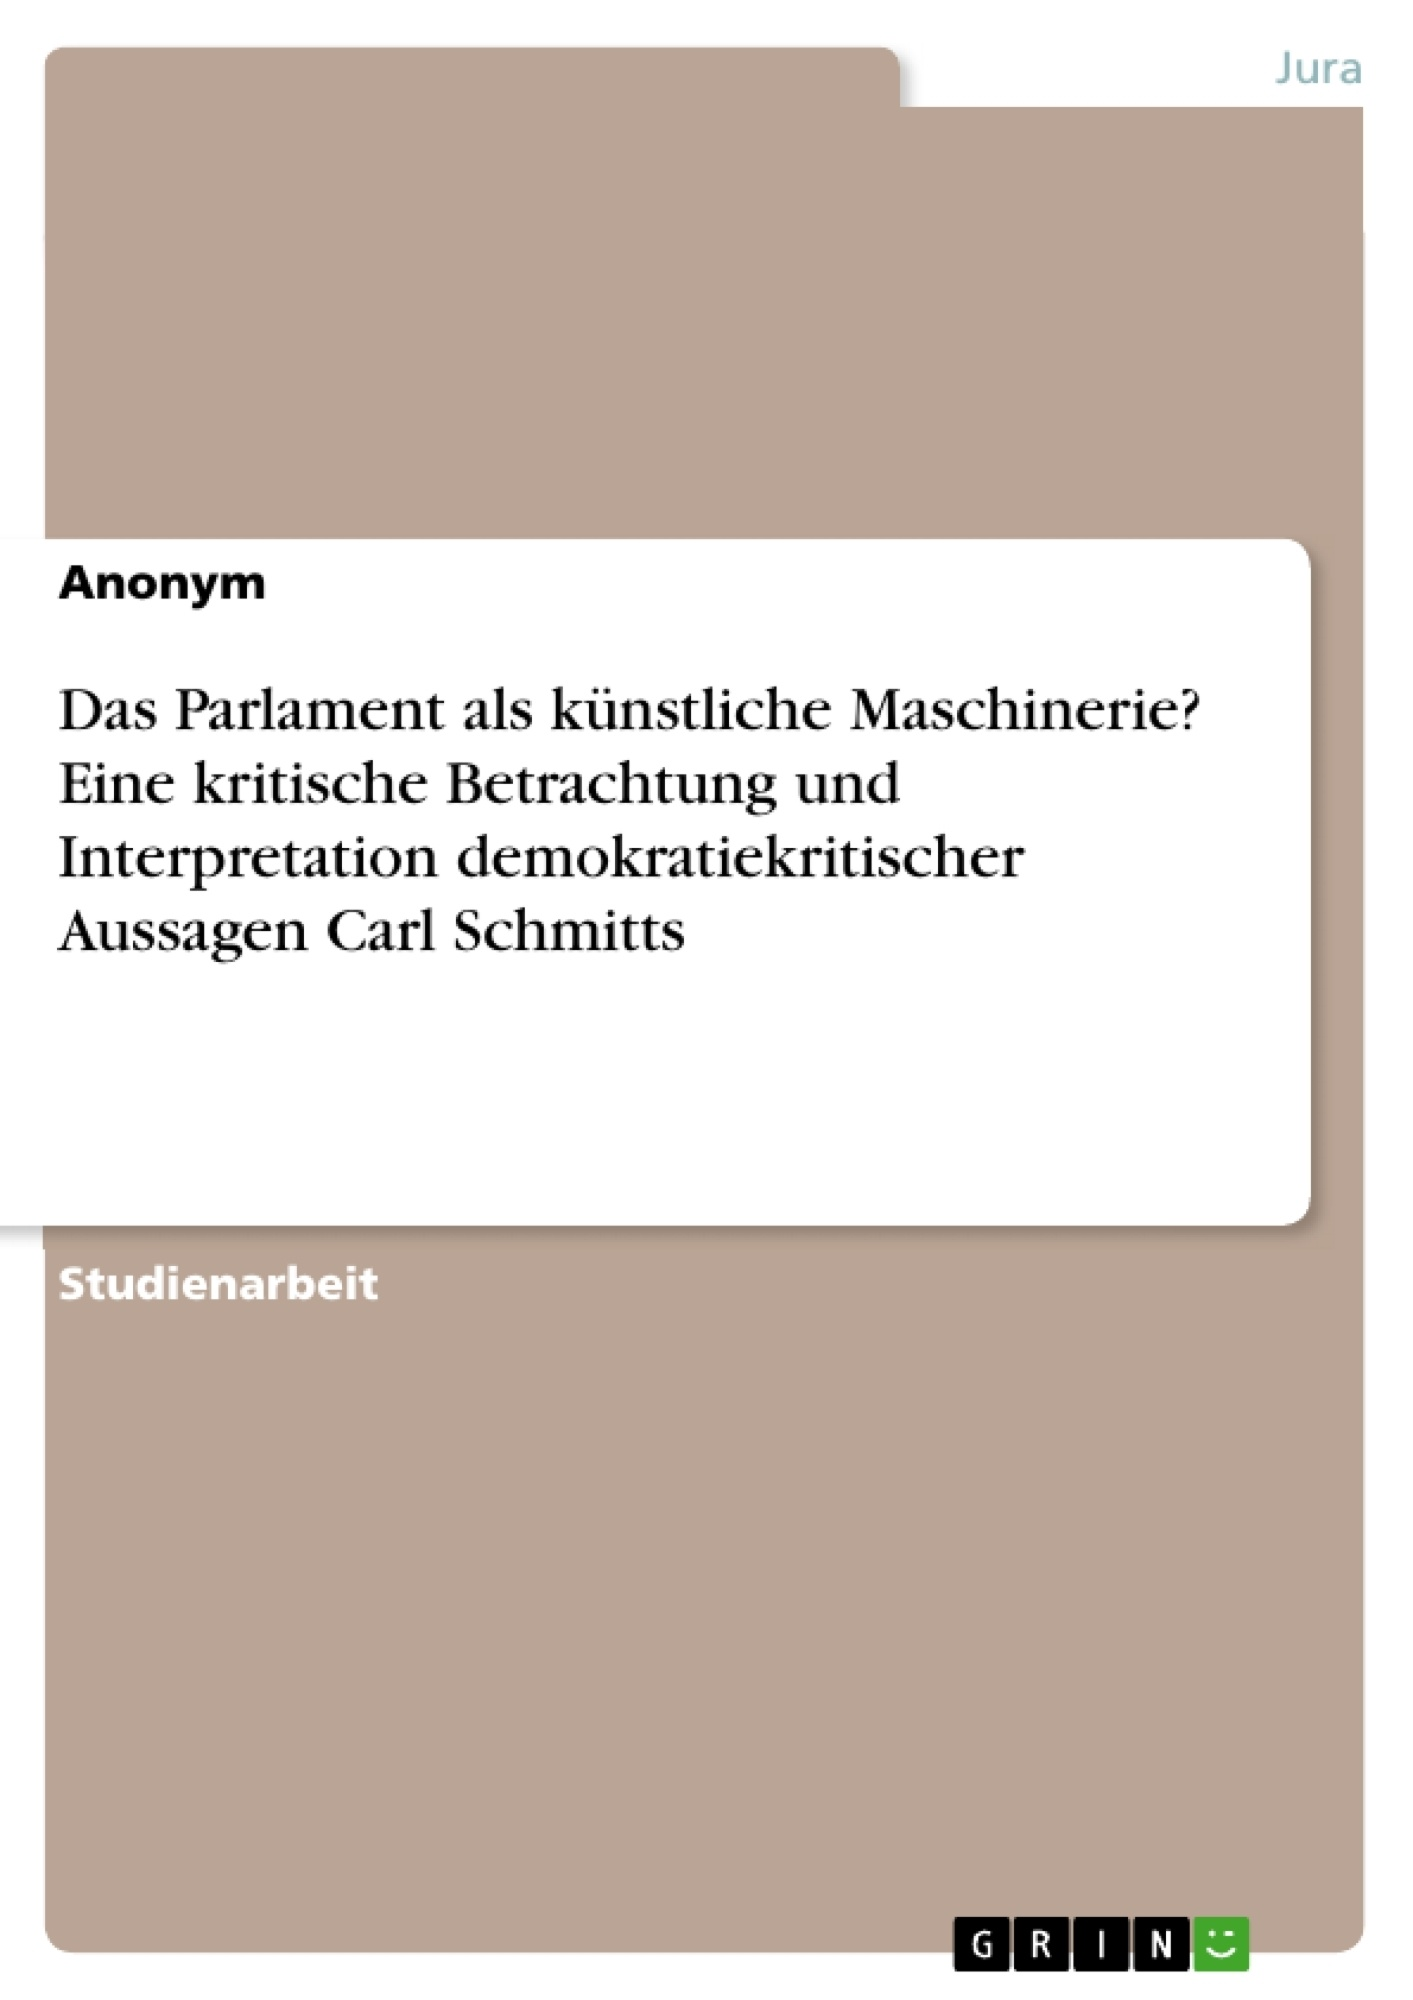 Titel: Das Parlament als künstliche Maschinerie?  Eine kritische Betrachtung und Interpretation demokratiekritischer Aussagen Carl Schmitts